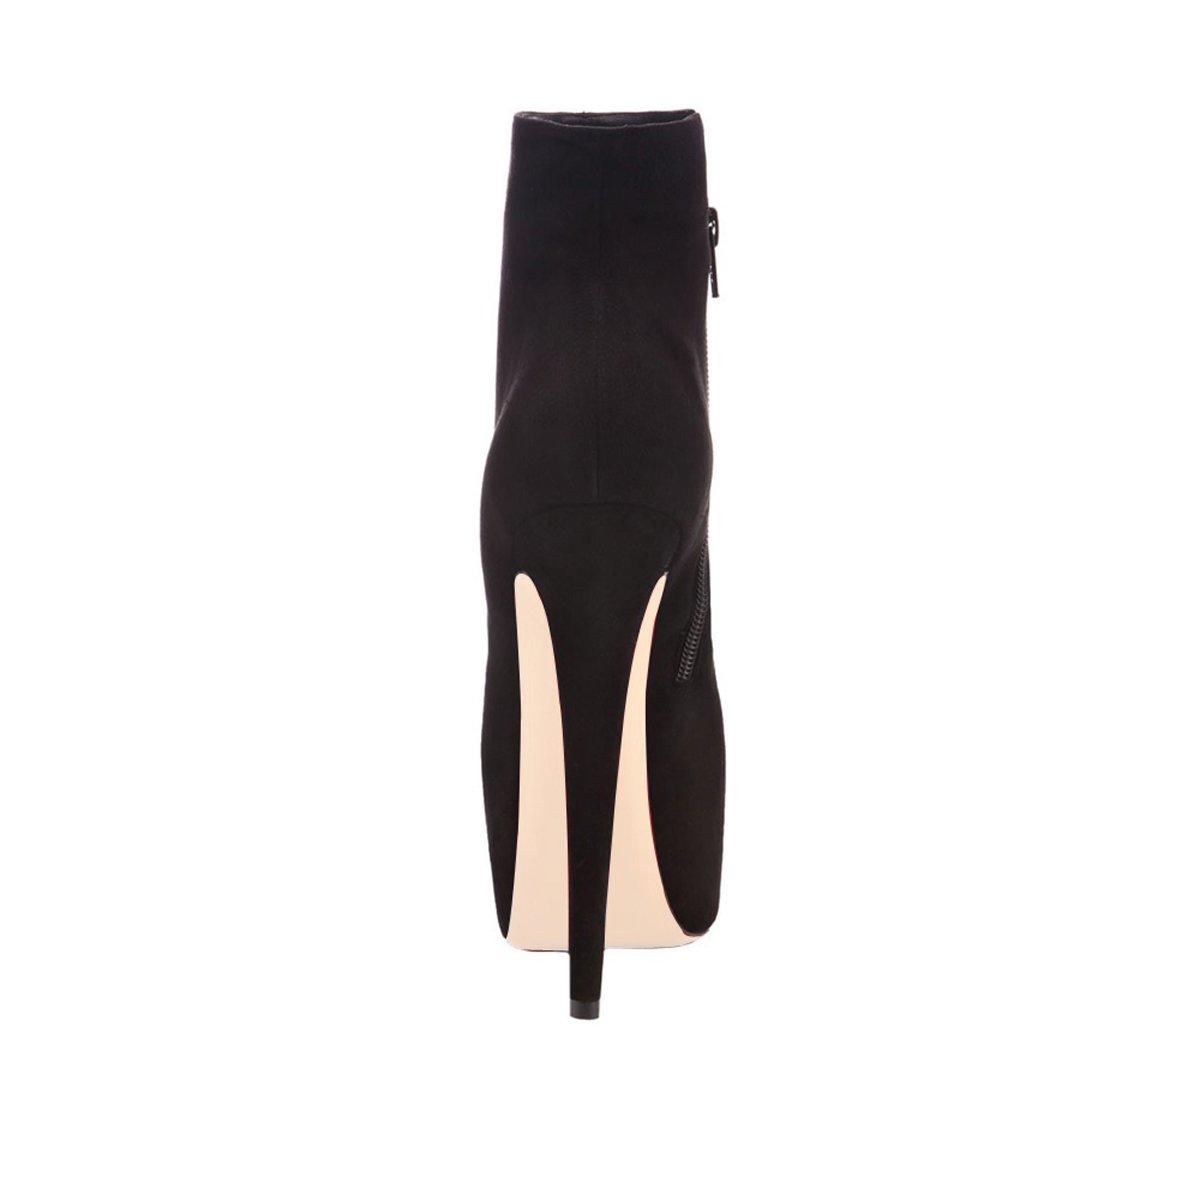 Onlymaker Damen Pumps Stiletto Stiefel High Heels Schwarz Kurzschaft Stiefelette mit Plateau Schwarz Heels 3a2470